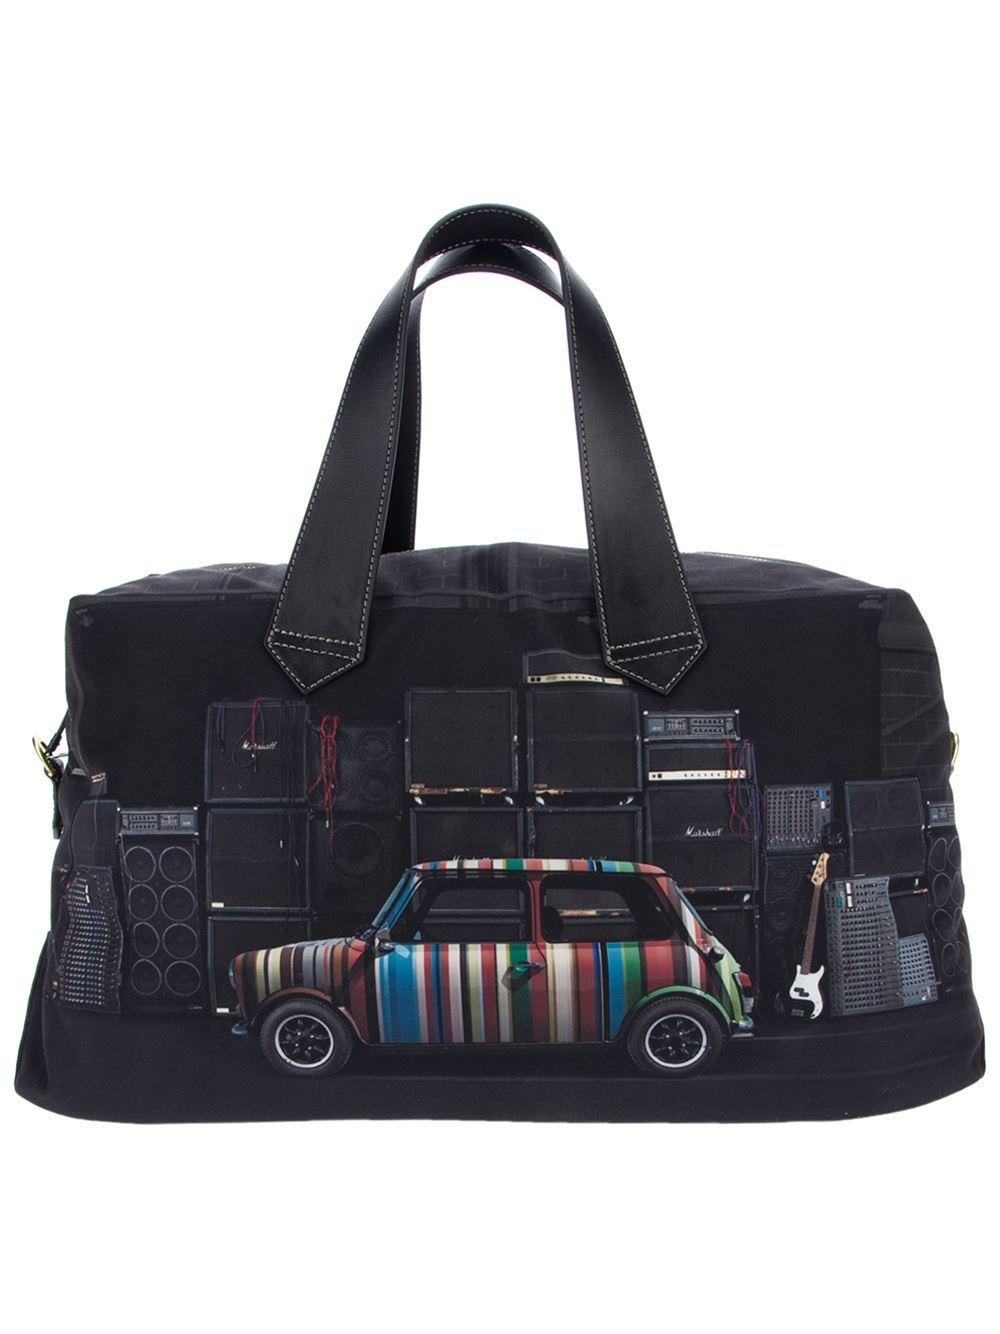 e2e775a732 Paul Smith  mini Cooper  Travel Bag in Black for Men - Lyst